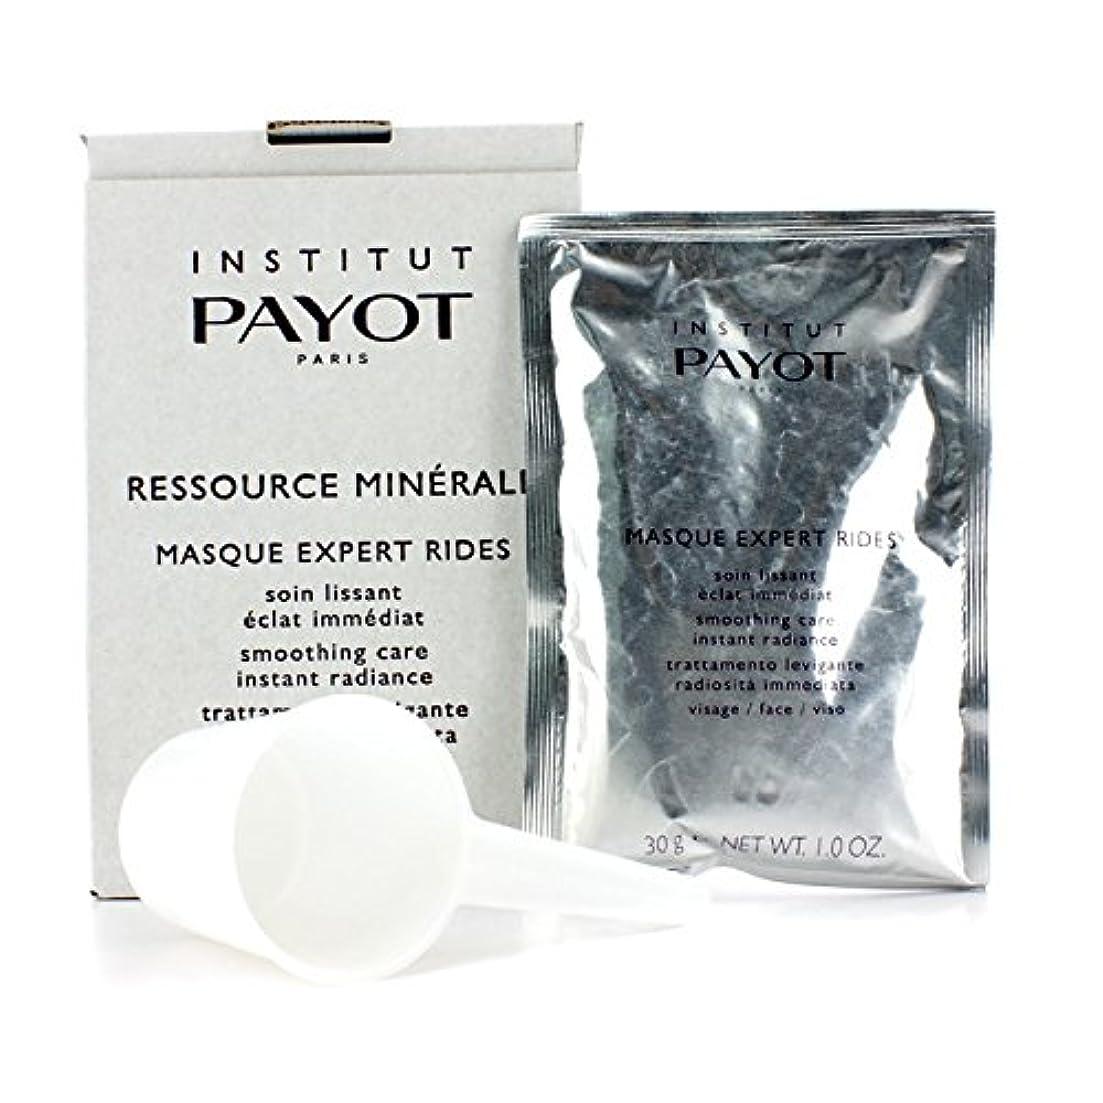 一致章純粋なパイヨ リソース ミネラル マスク エクスパート リ度(サロンサイズ) 5x30g/1oz並行輸入品